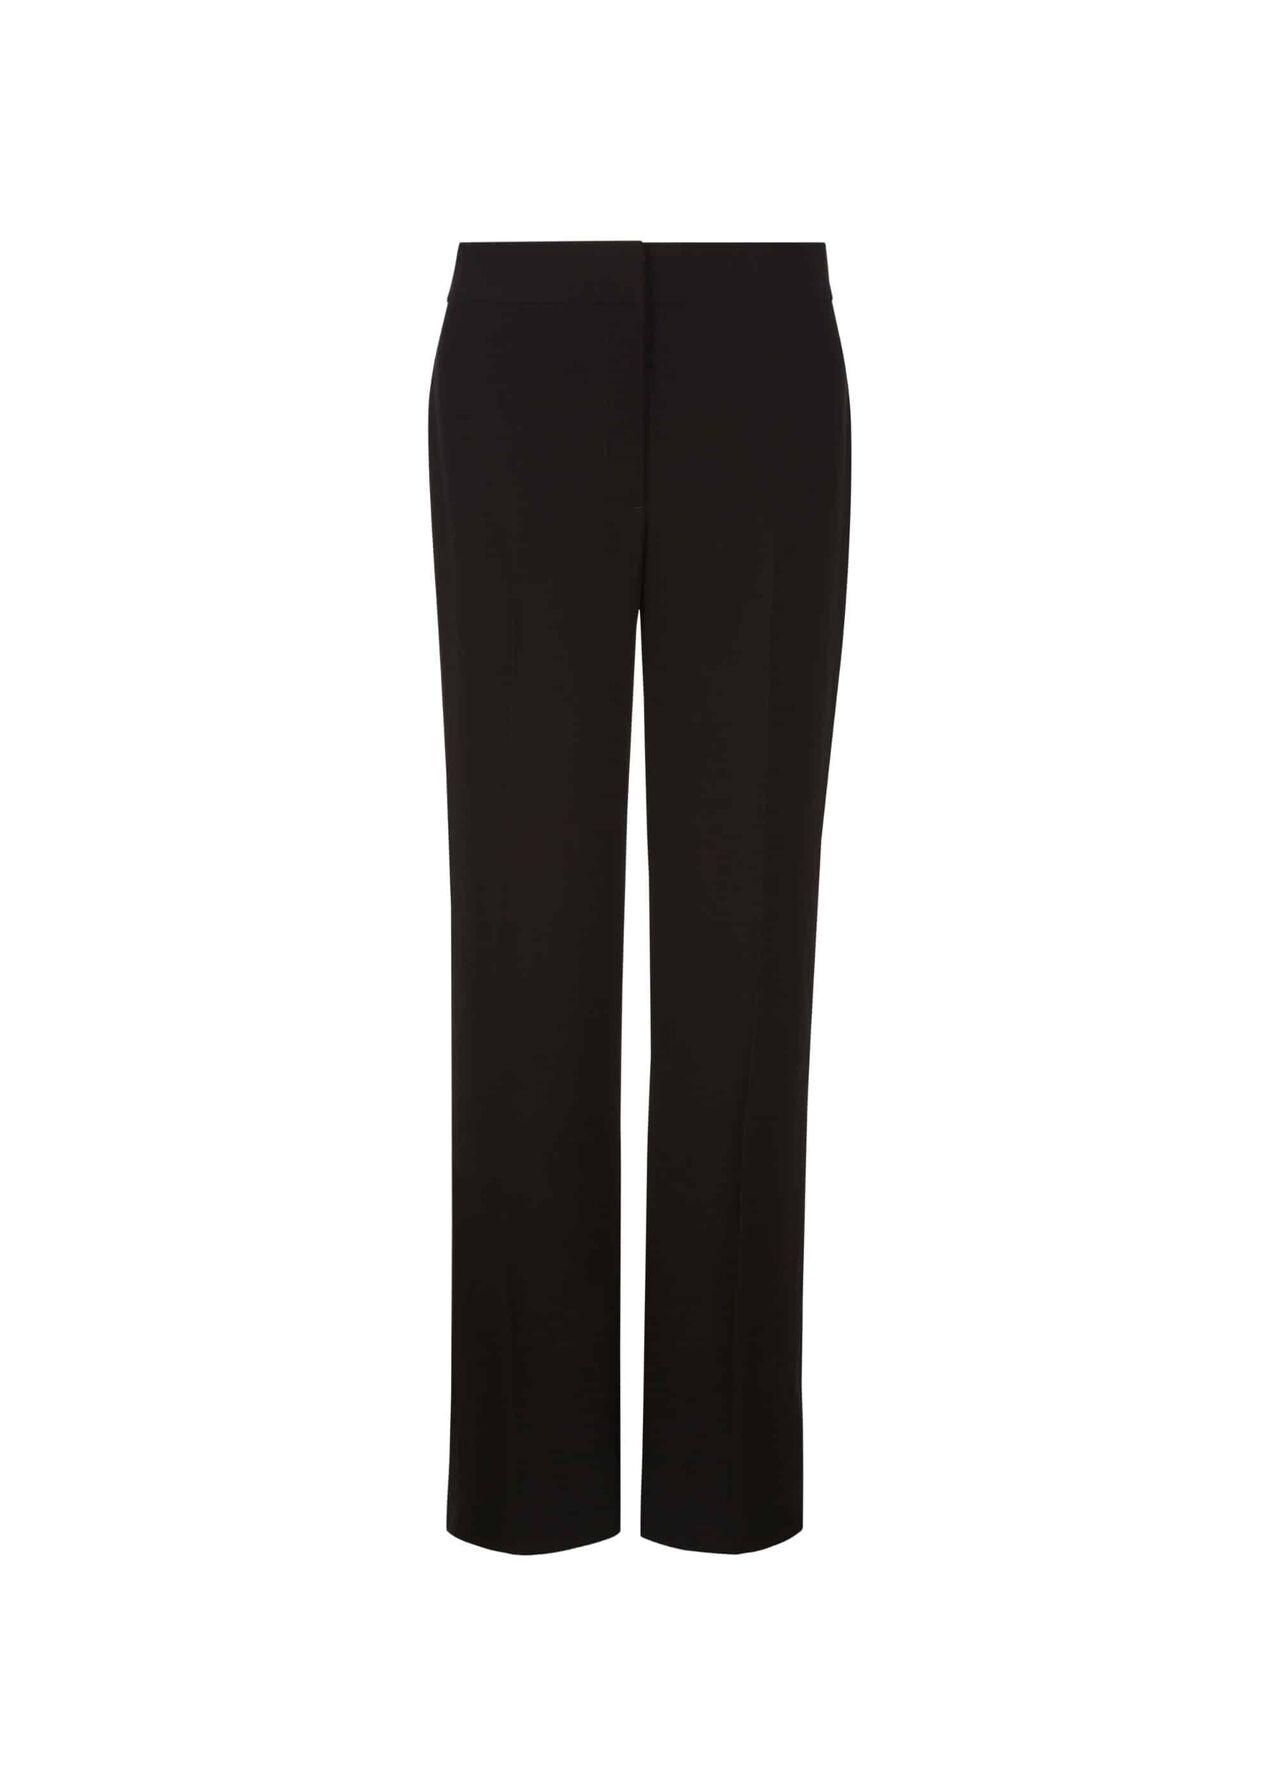 Mina Trousers Black